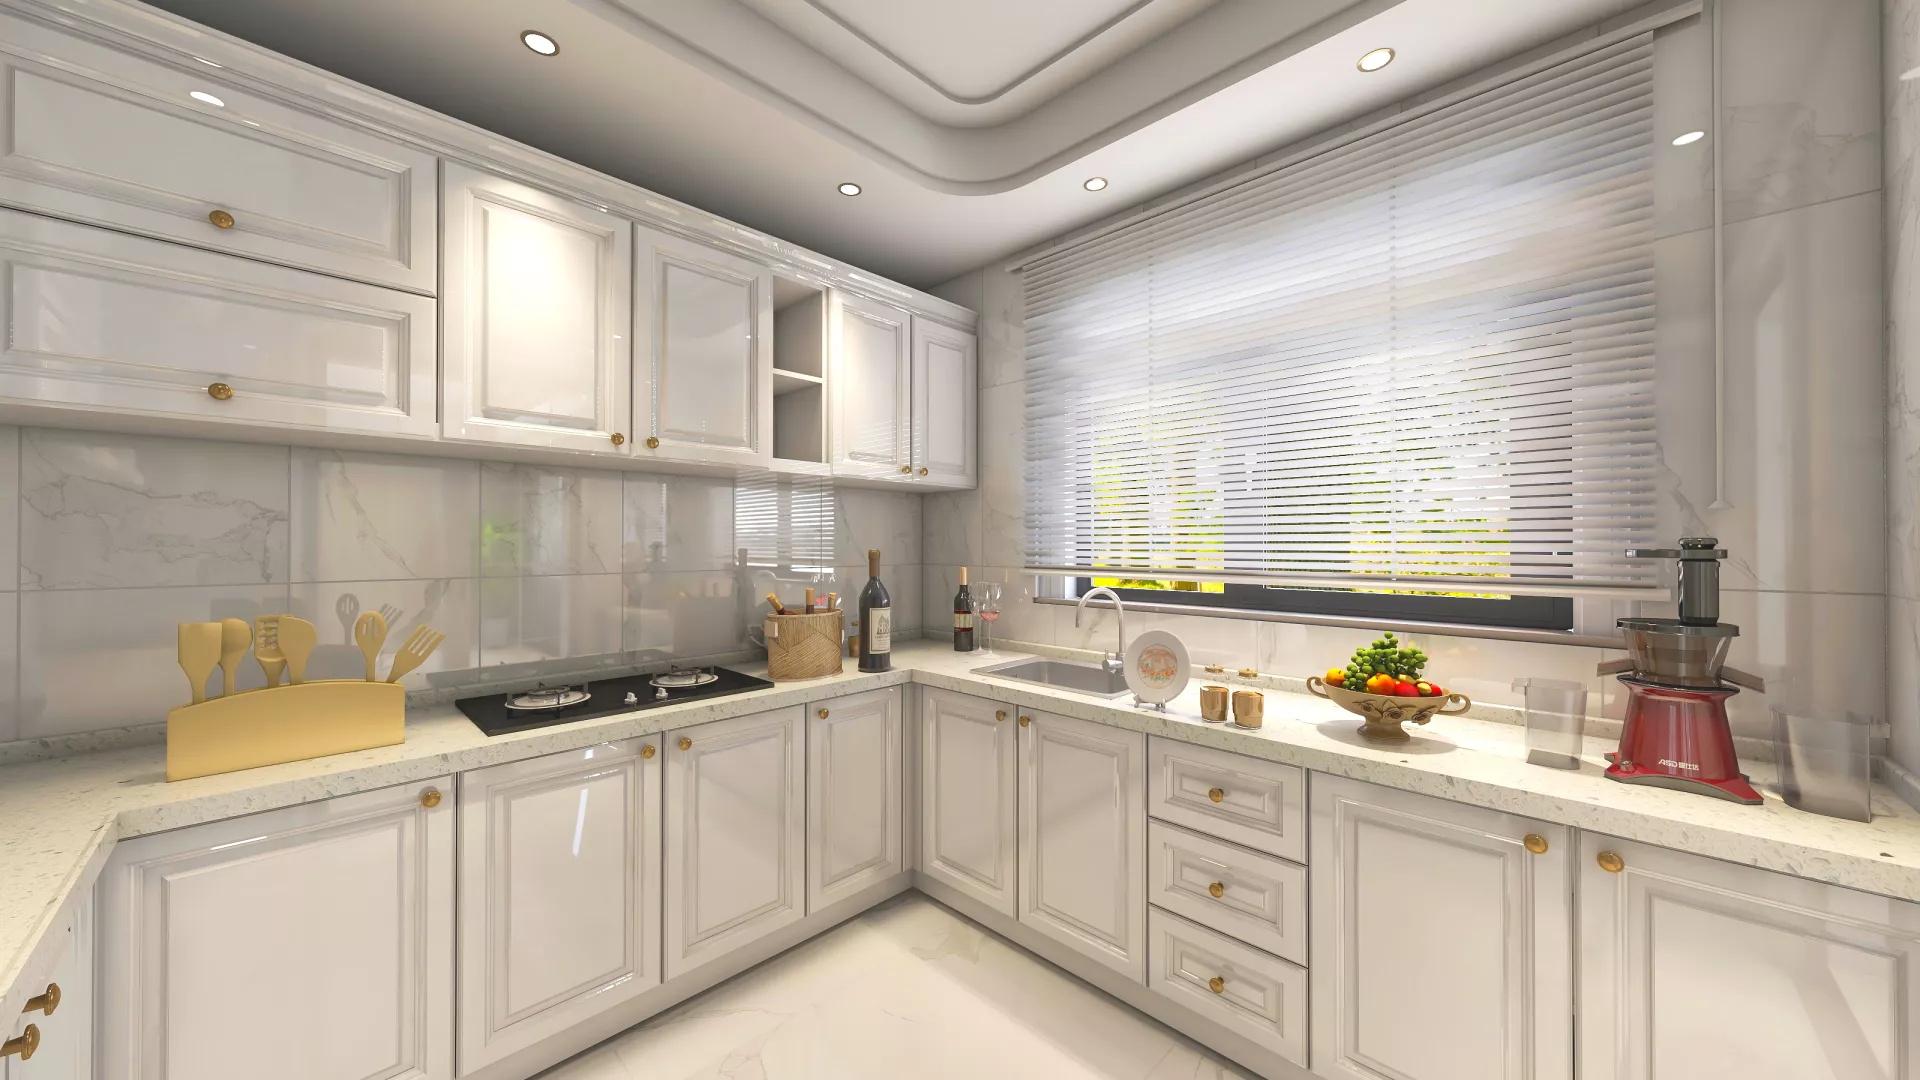 洗手間儲物柜有什么材質?洗手間儲物柜選哪種材質好?